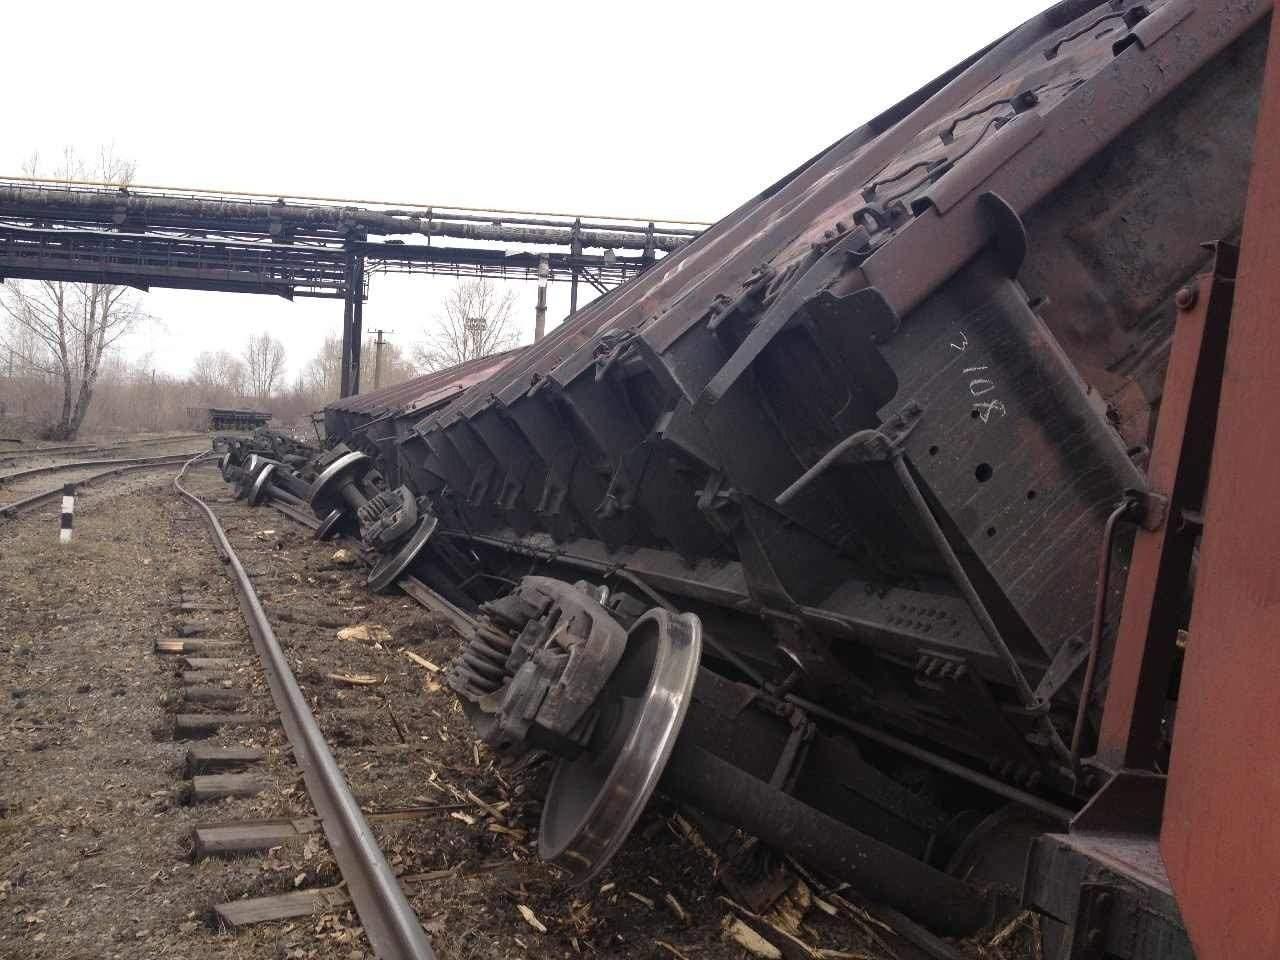 На Львовщине товарный вагон сошел с рельс, обошлось без пострадавших